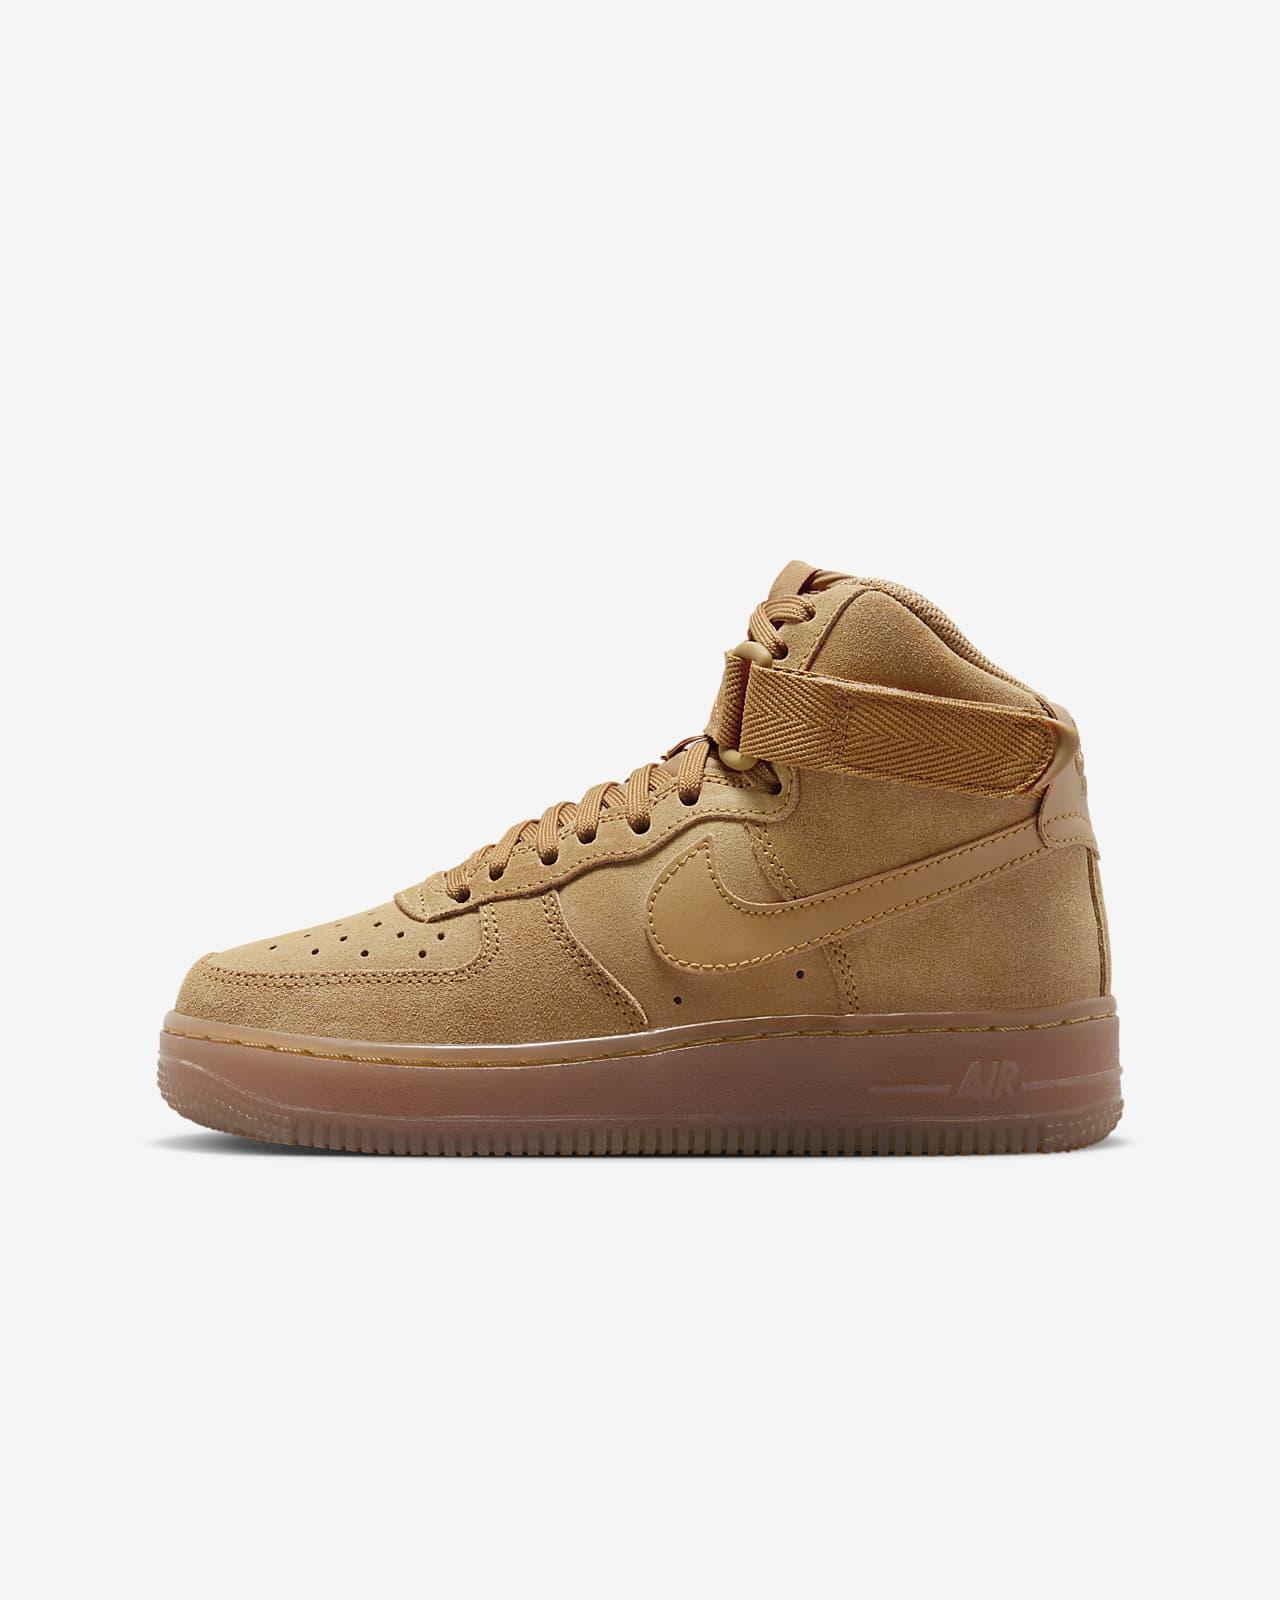 Nike Air Force 1 High LV8 3 Big Kids